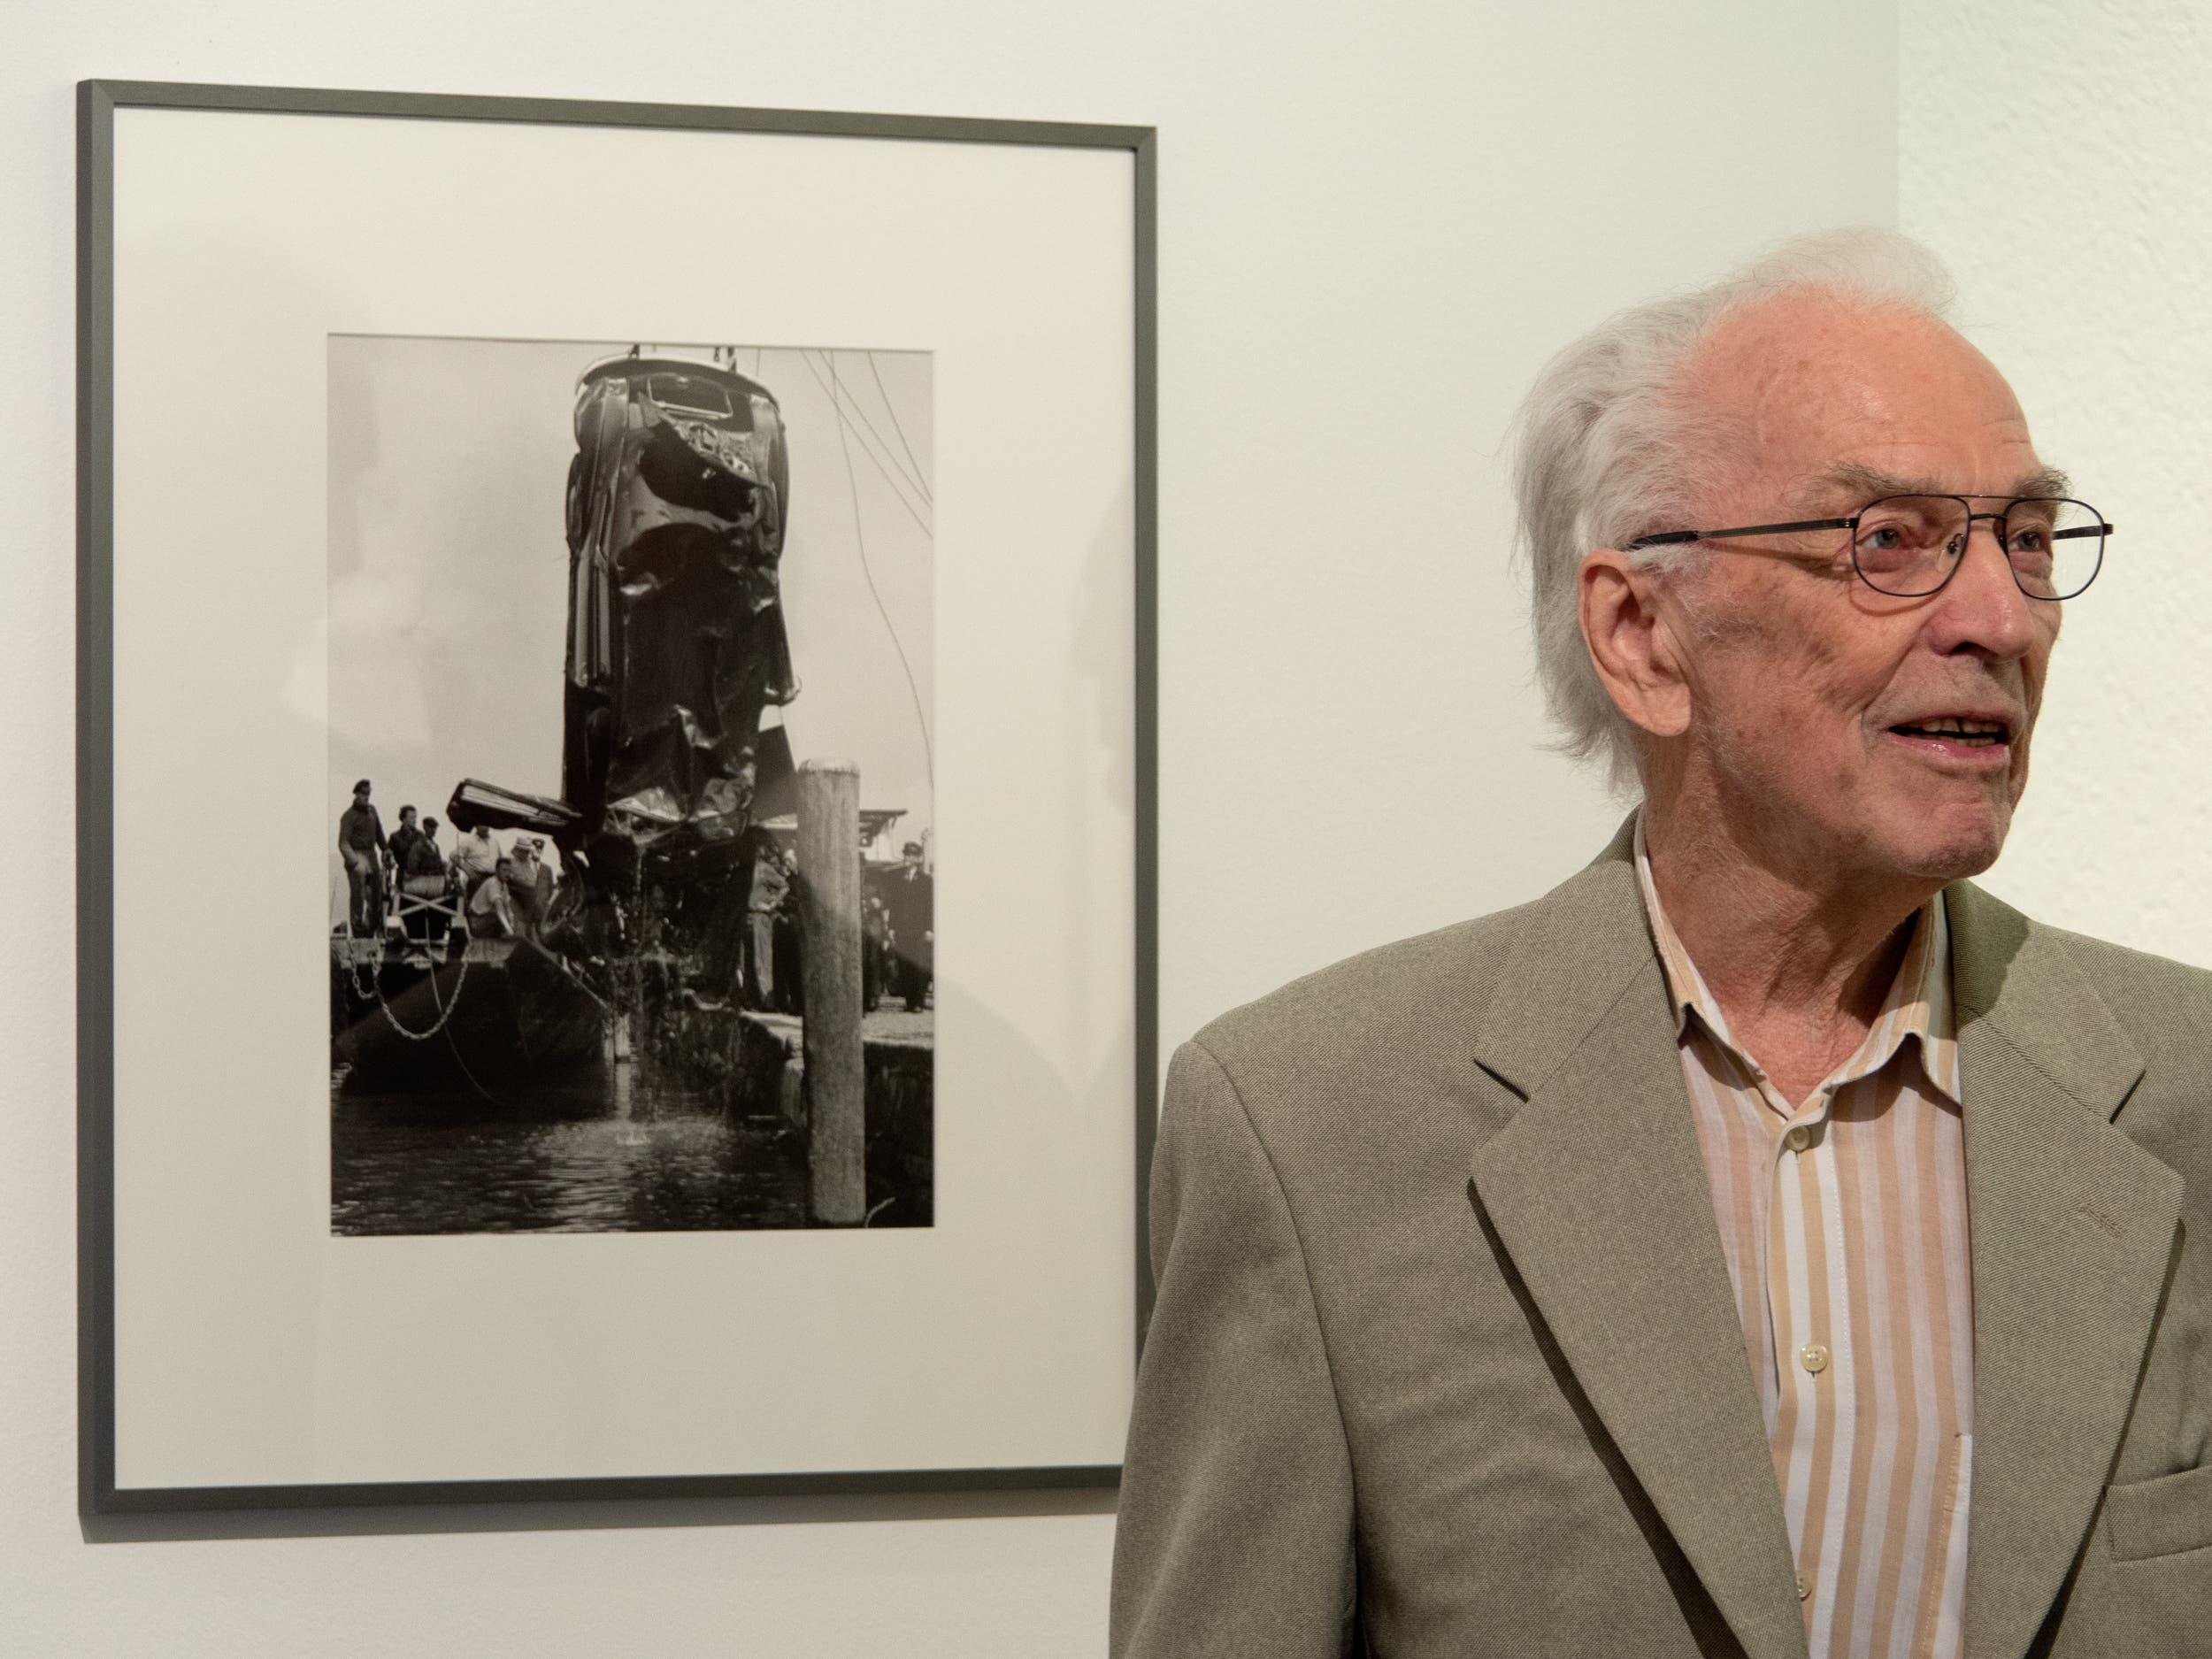 Biennale dell'Immagine Chiasso, 2019: Arnold Odermatt vor einem seiner berühmteten Unfallfotos.